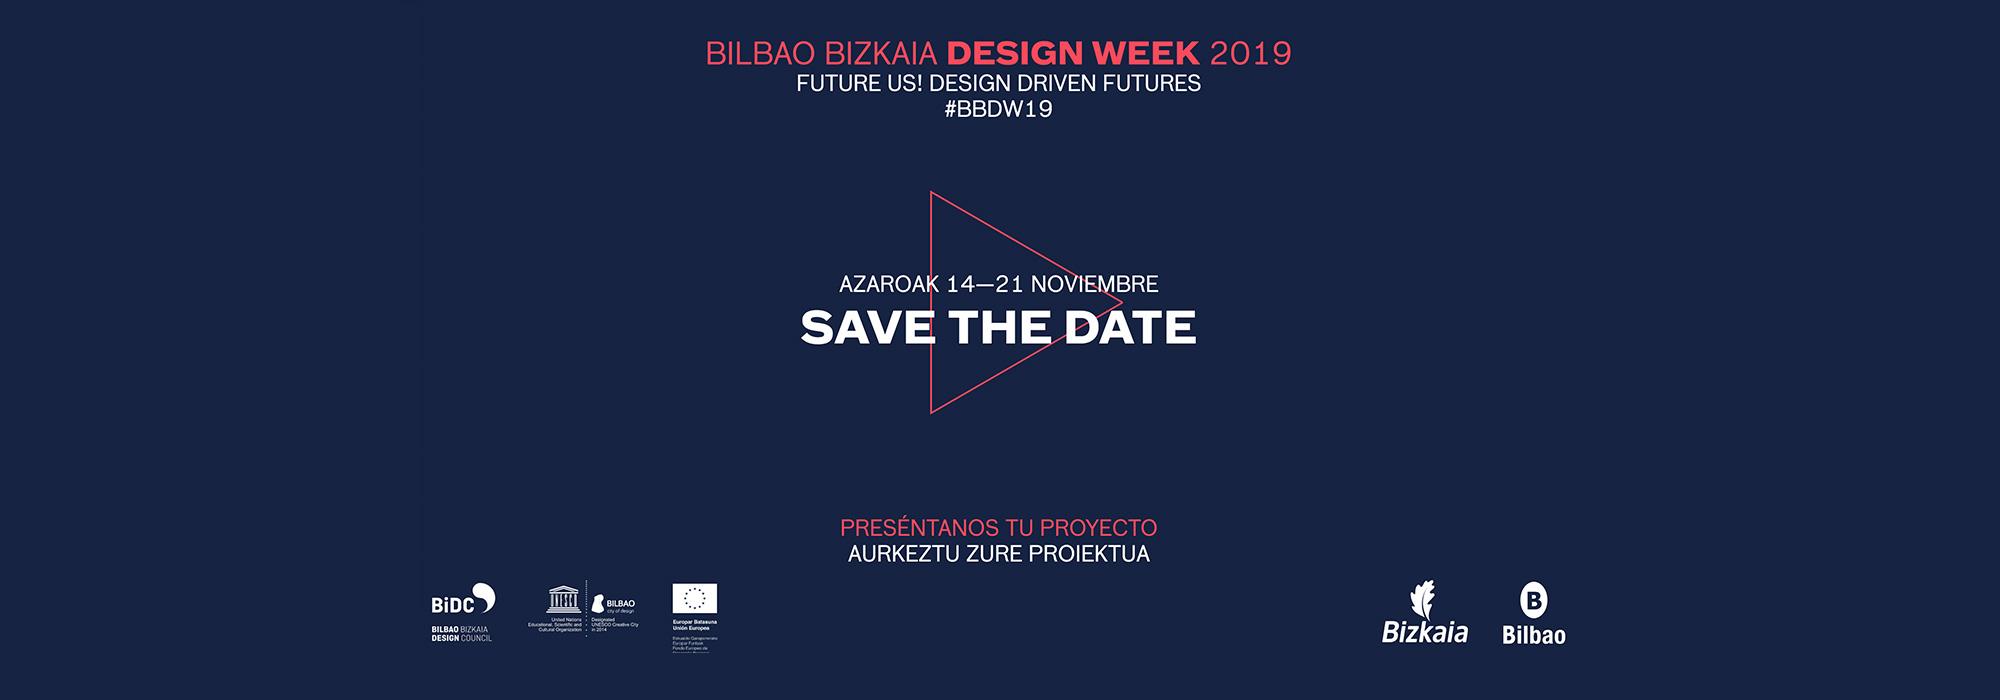 Bilbao Bizkaia Design Week 2019